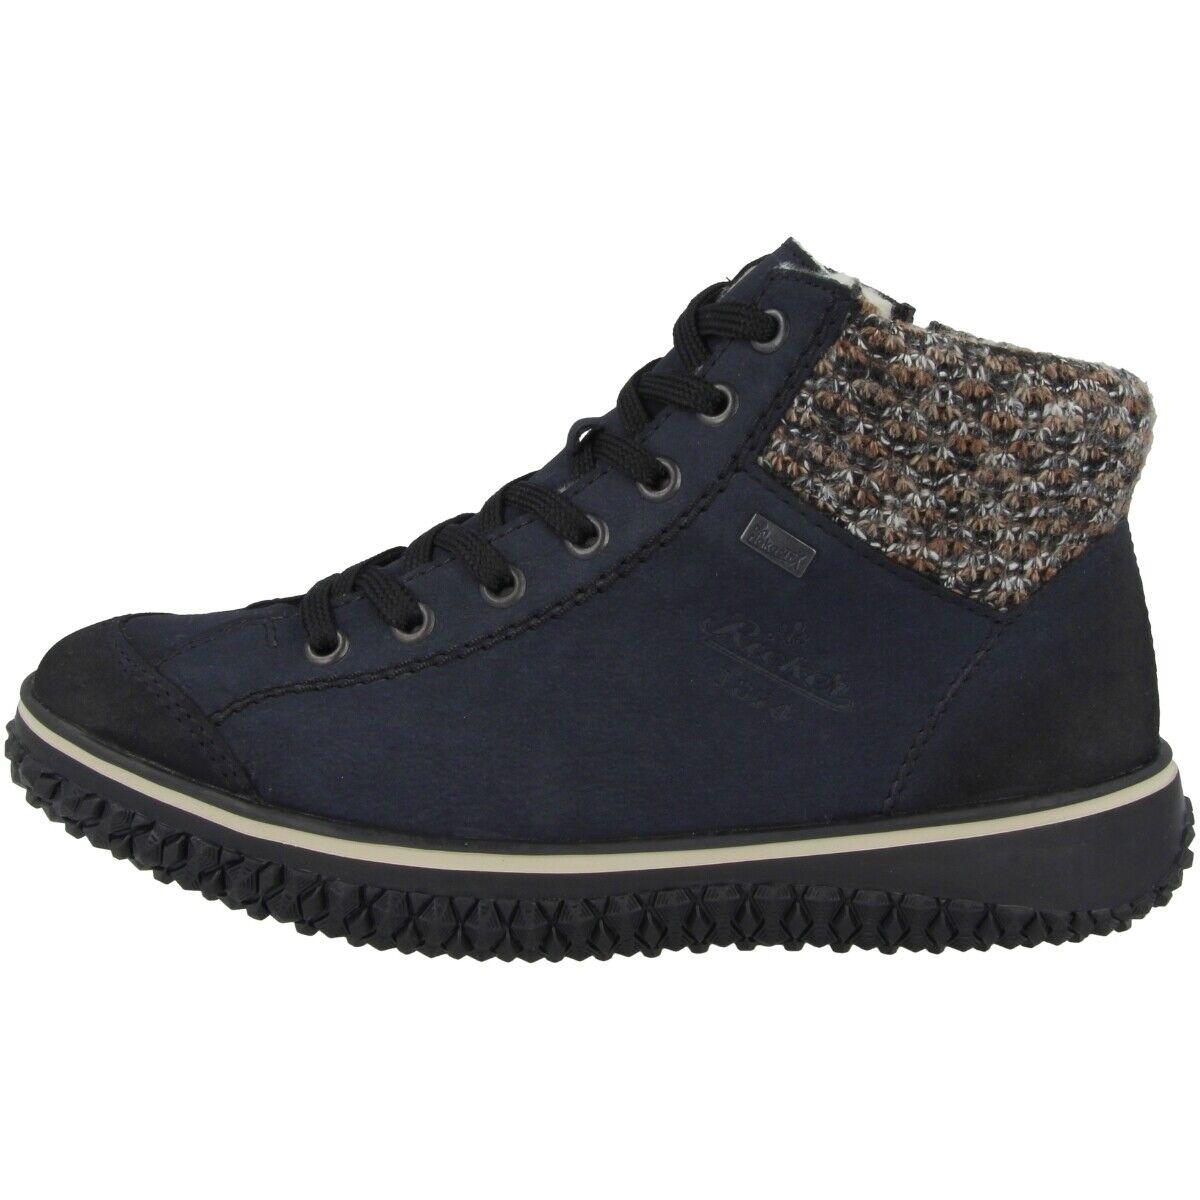 Rieker Namur-Leeds Schuhe damen Damen Winter Stiefel Stiefel Stiefeletten Z4243-14